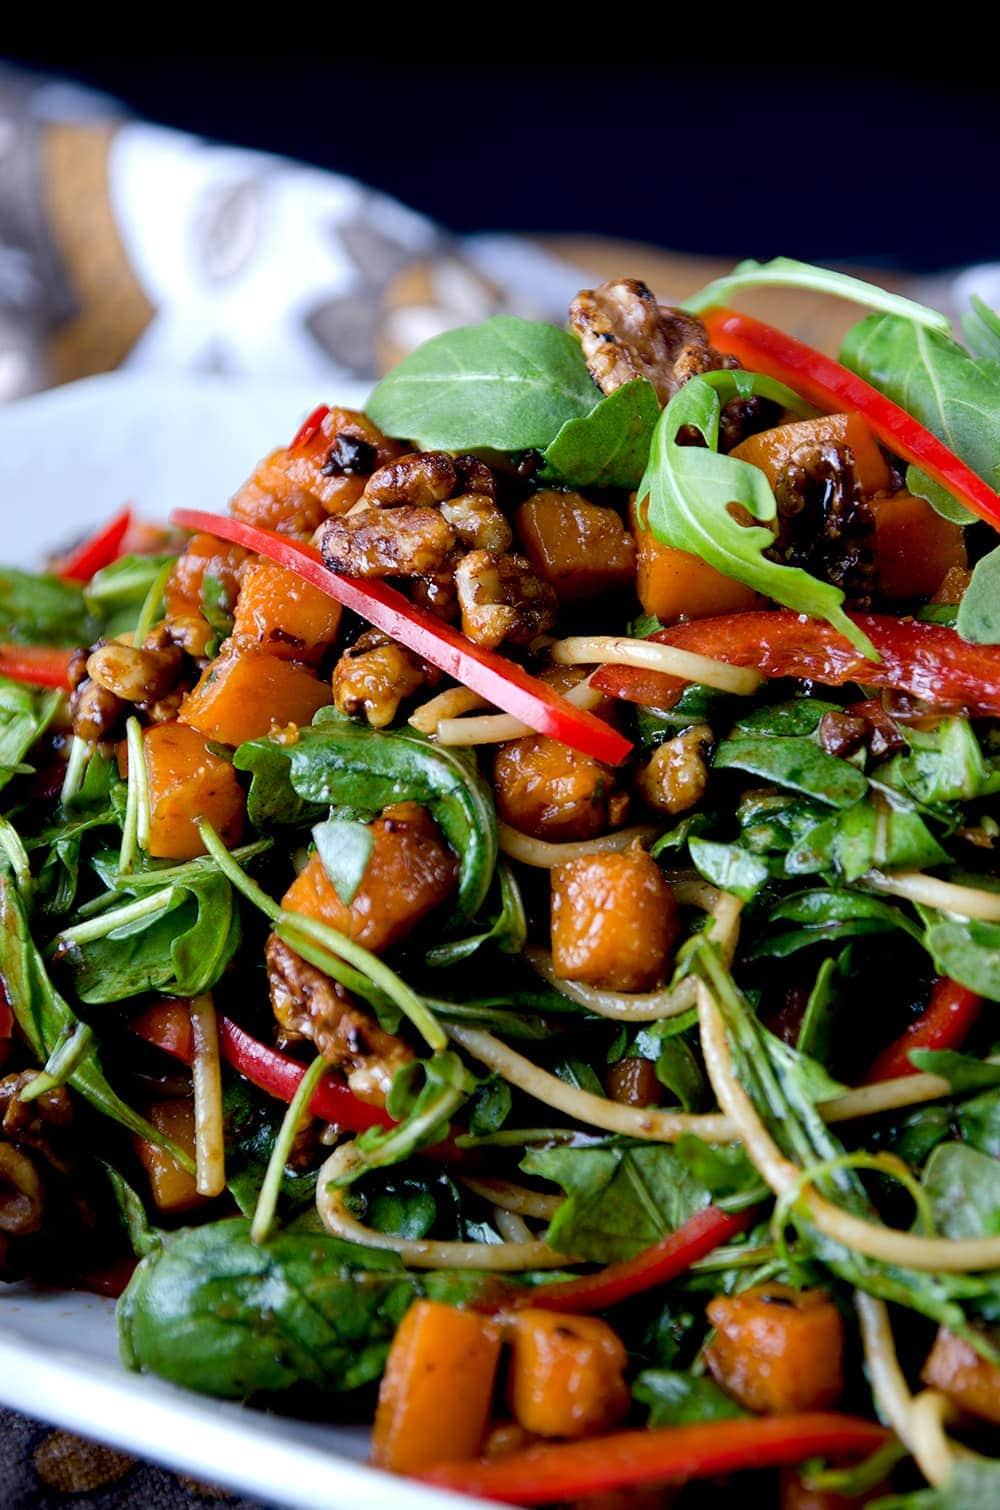 Autumn Asian Noodle Salad Closeup - Autumn Asian Noodle Salad